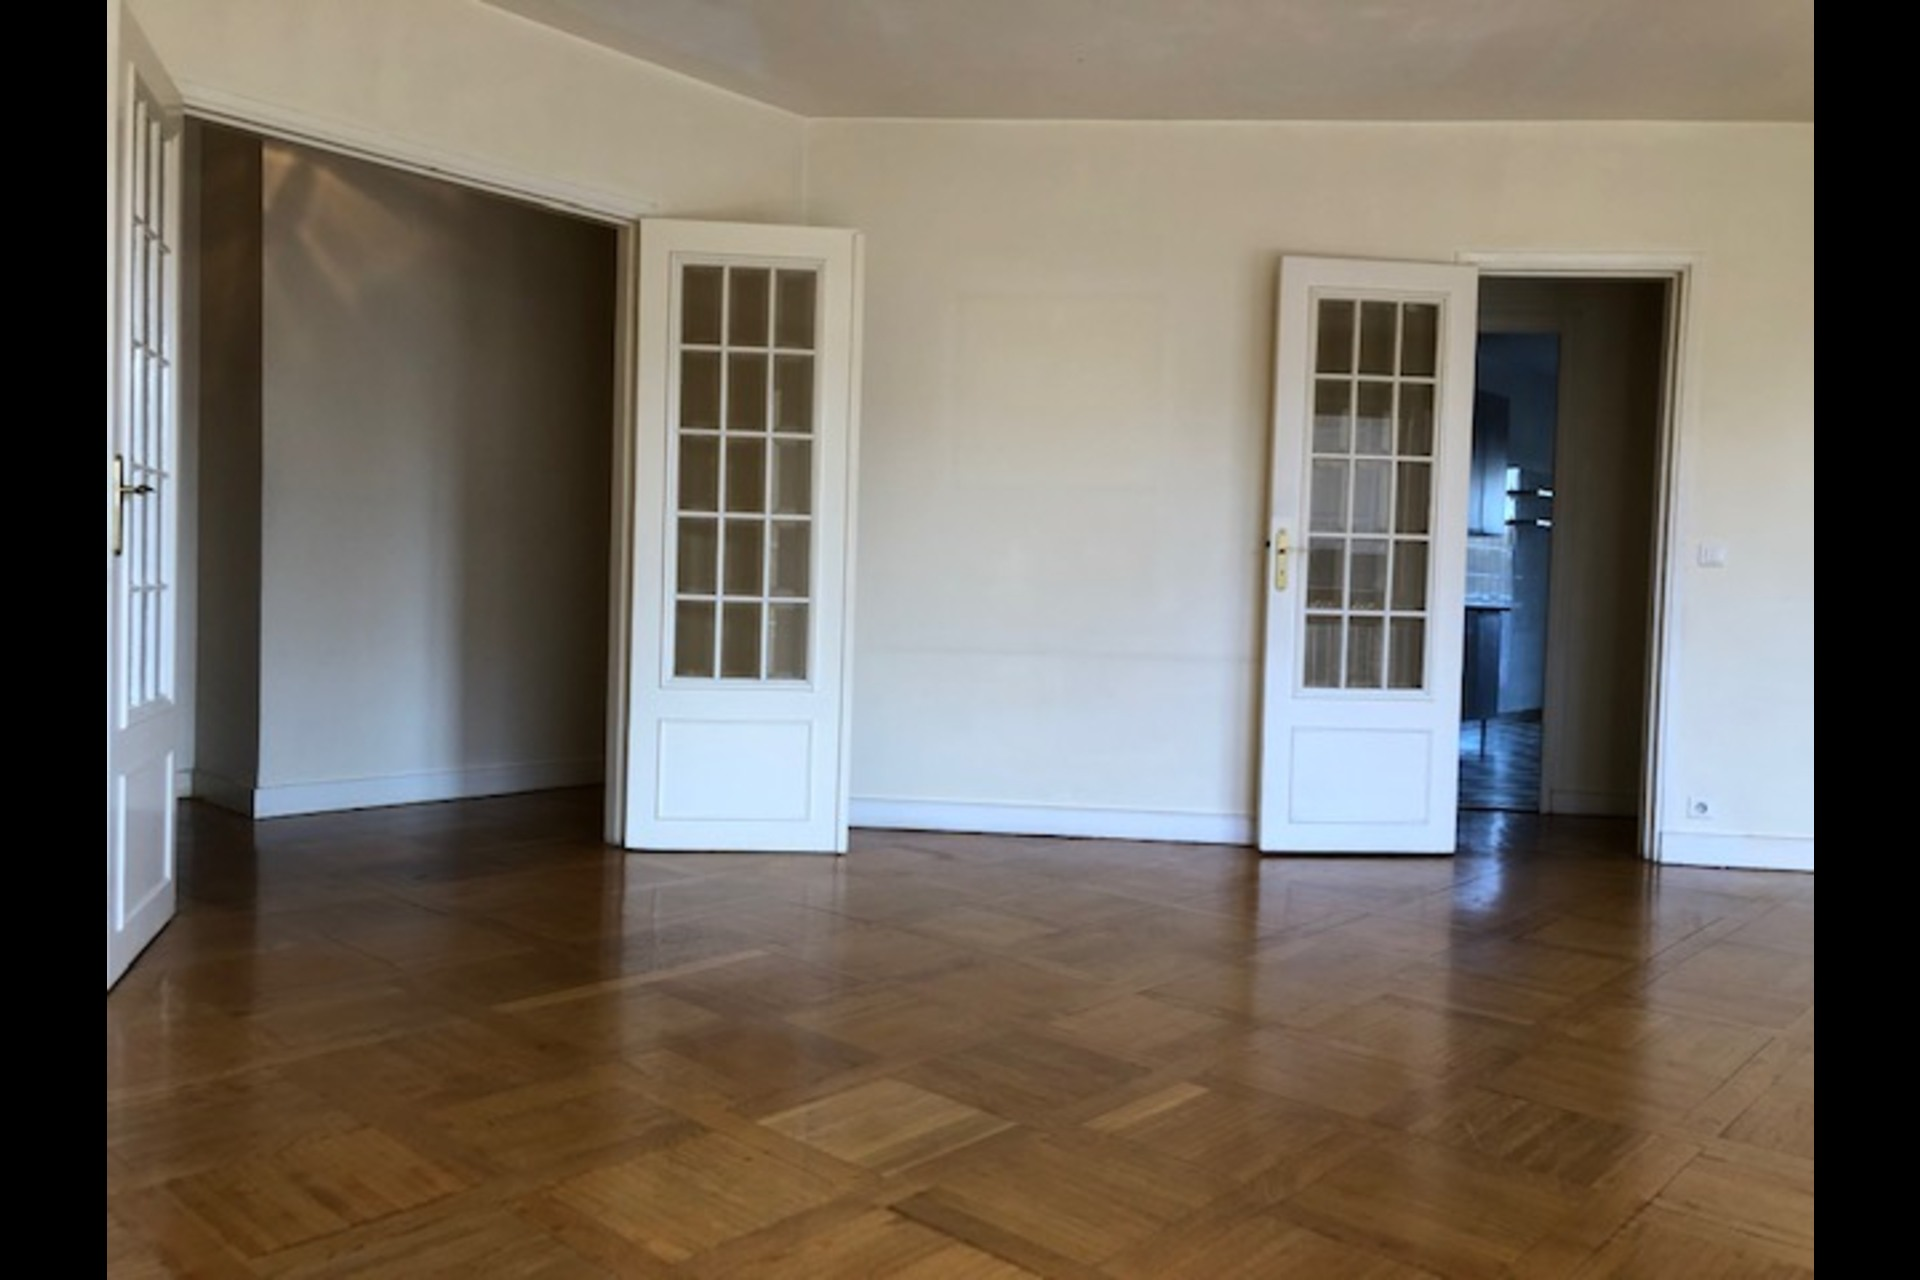 image 3 - Apartment For rent saint germain en laye - 5 rooms